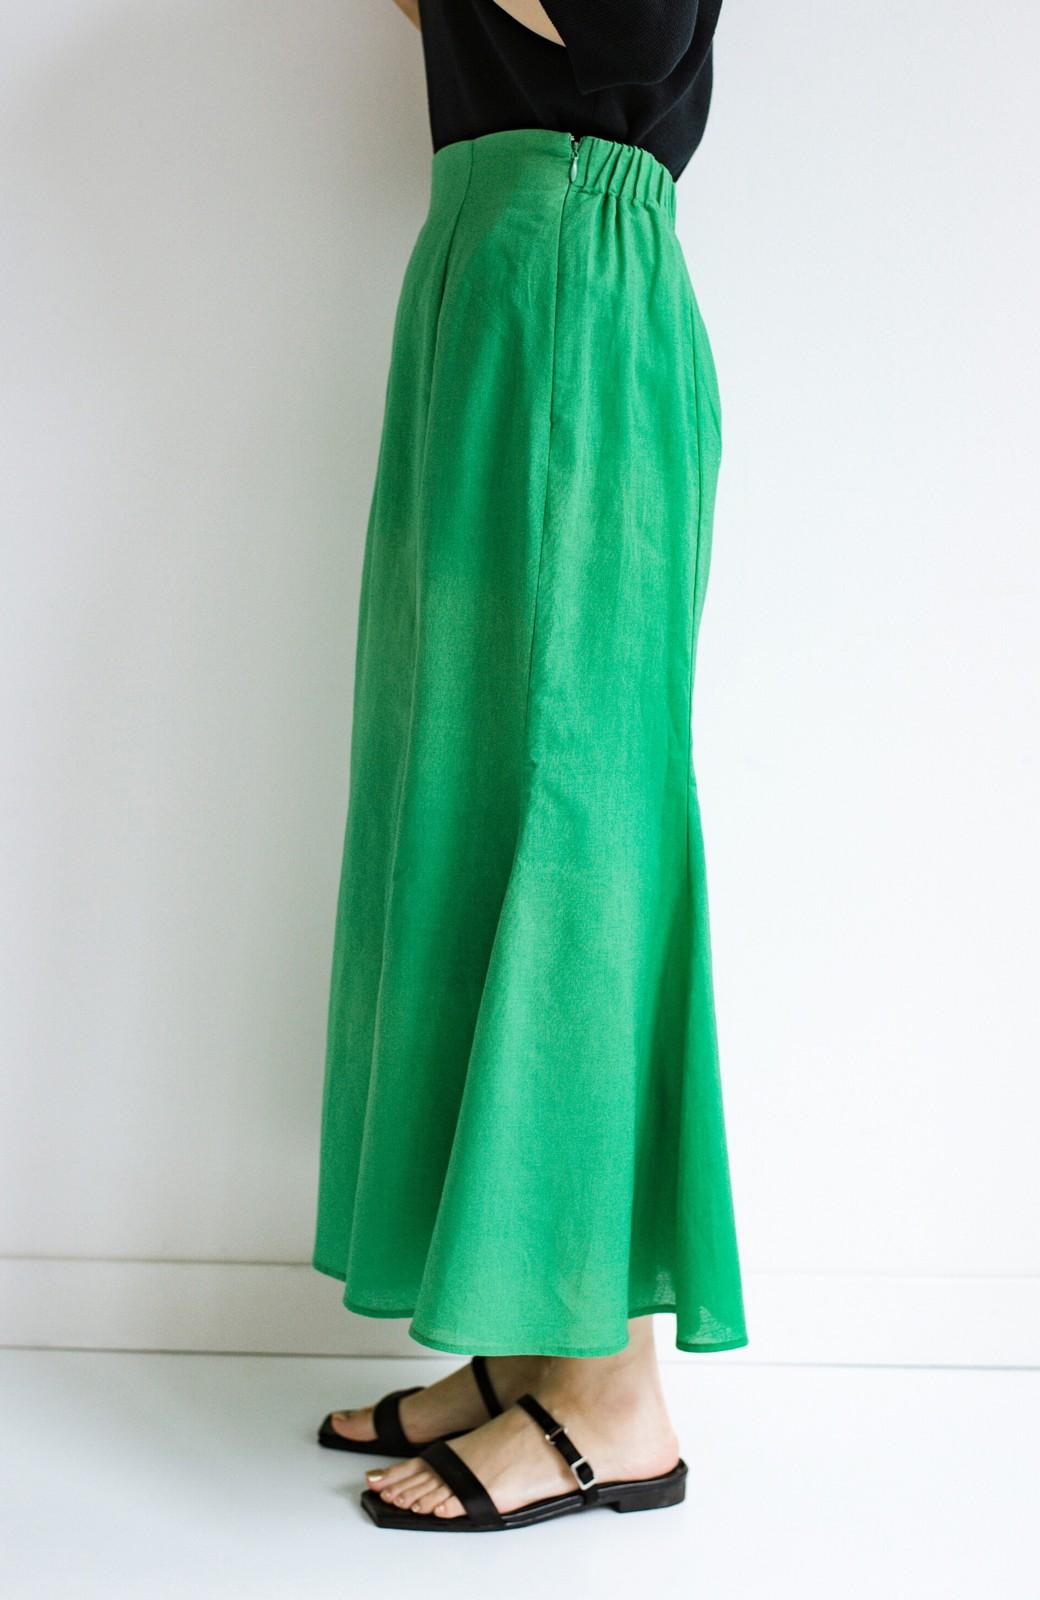 haco! 時間のない朝にもパッと出かけられる!元気が出るきれい色スカートにちょうどいいロゴTシャツを合わせておいた作り置きコーデセット by que made me <その他>の商品写真18